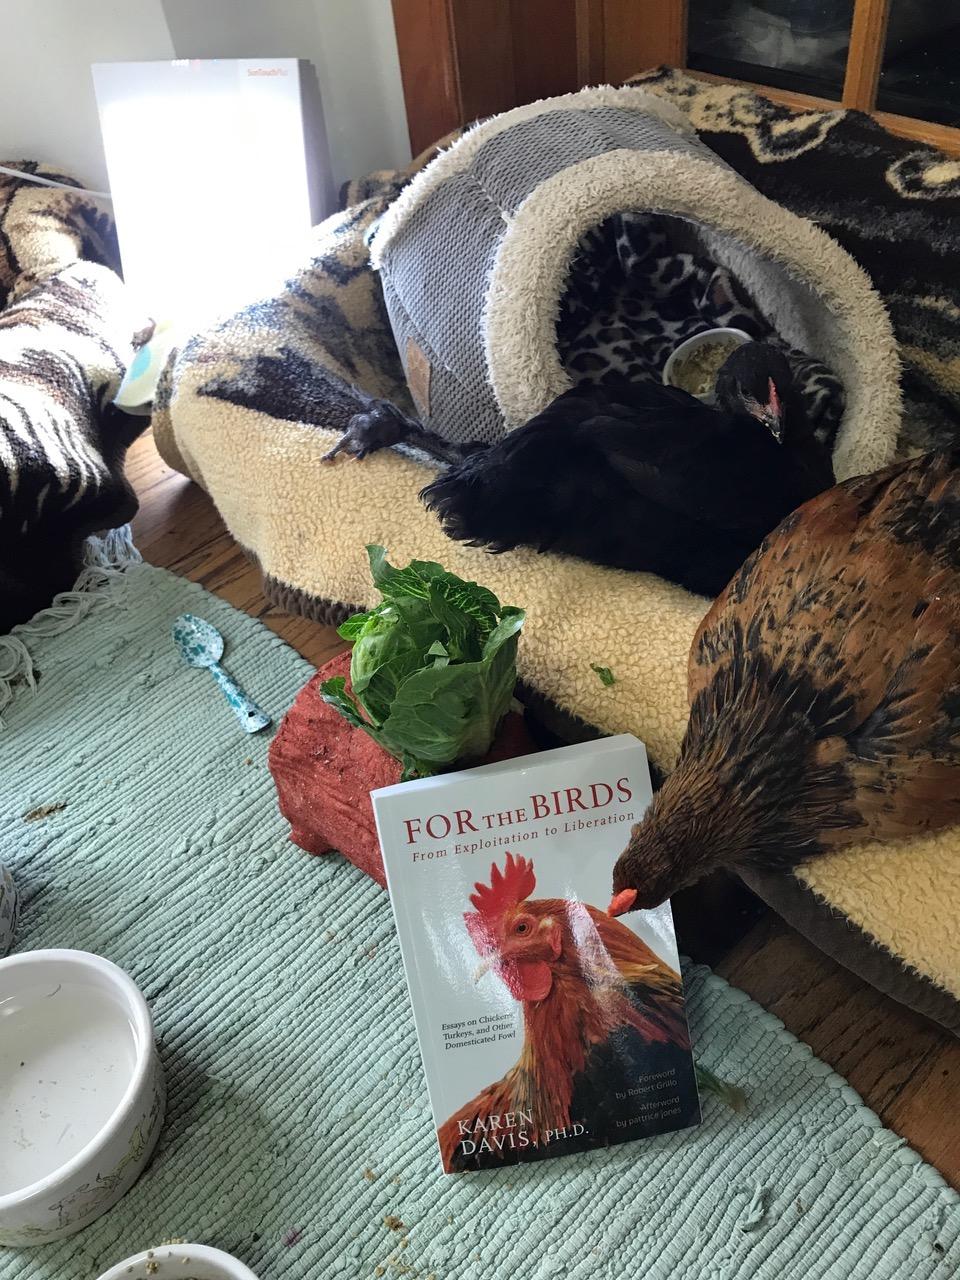 2019 Chicken Run Rescue Photo Contest: For the Birds! - 28